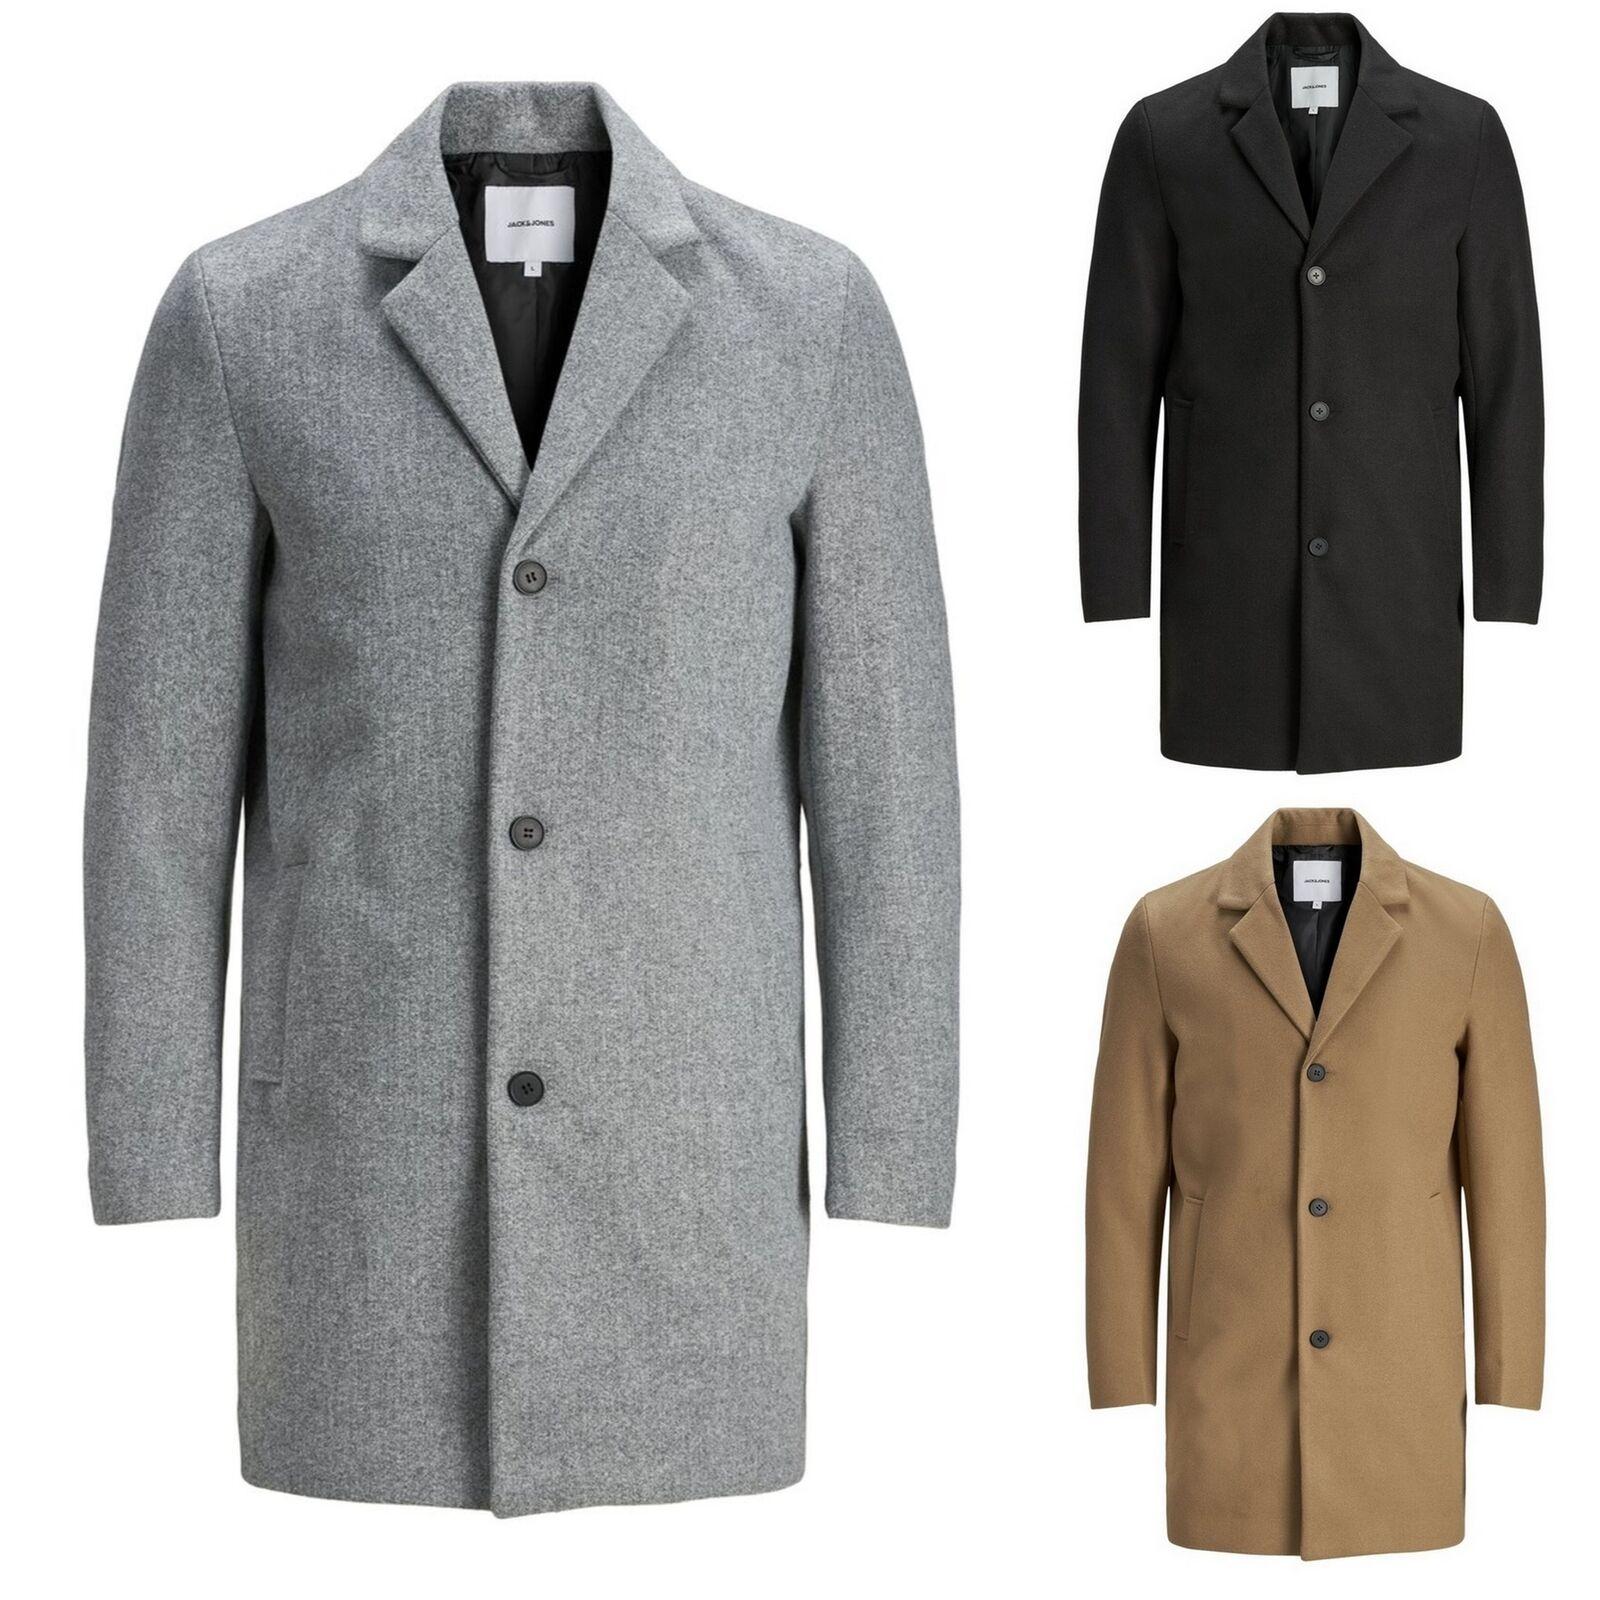 Jack&Jones abrigo hombre solo 39.9€